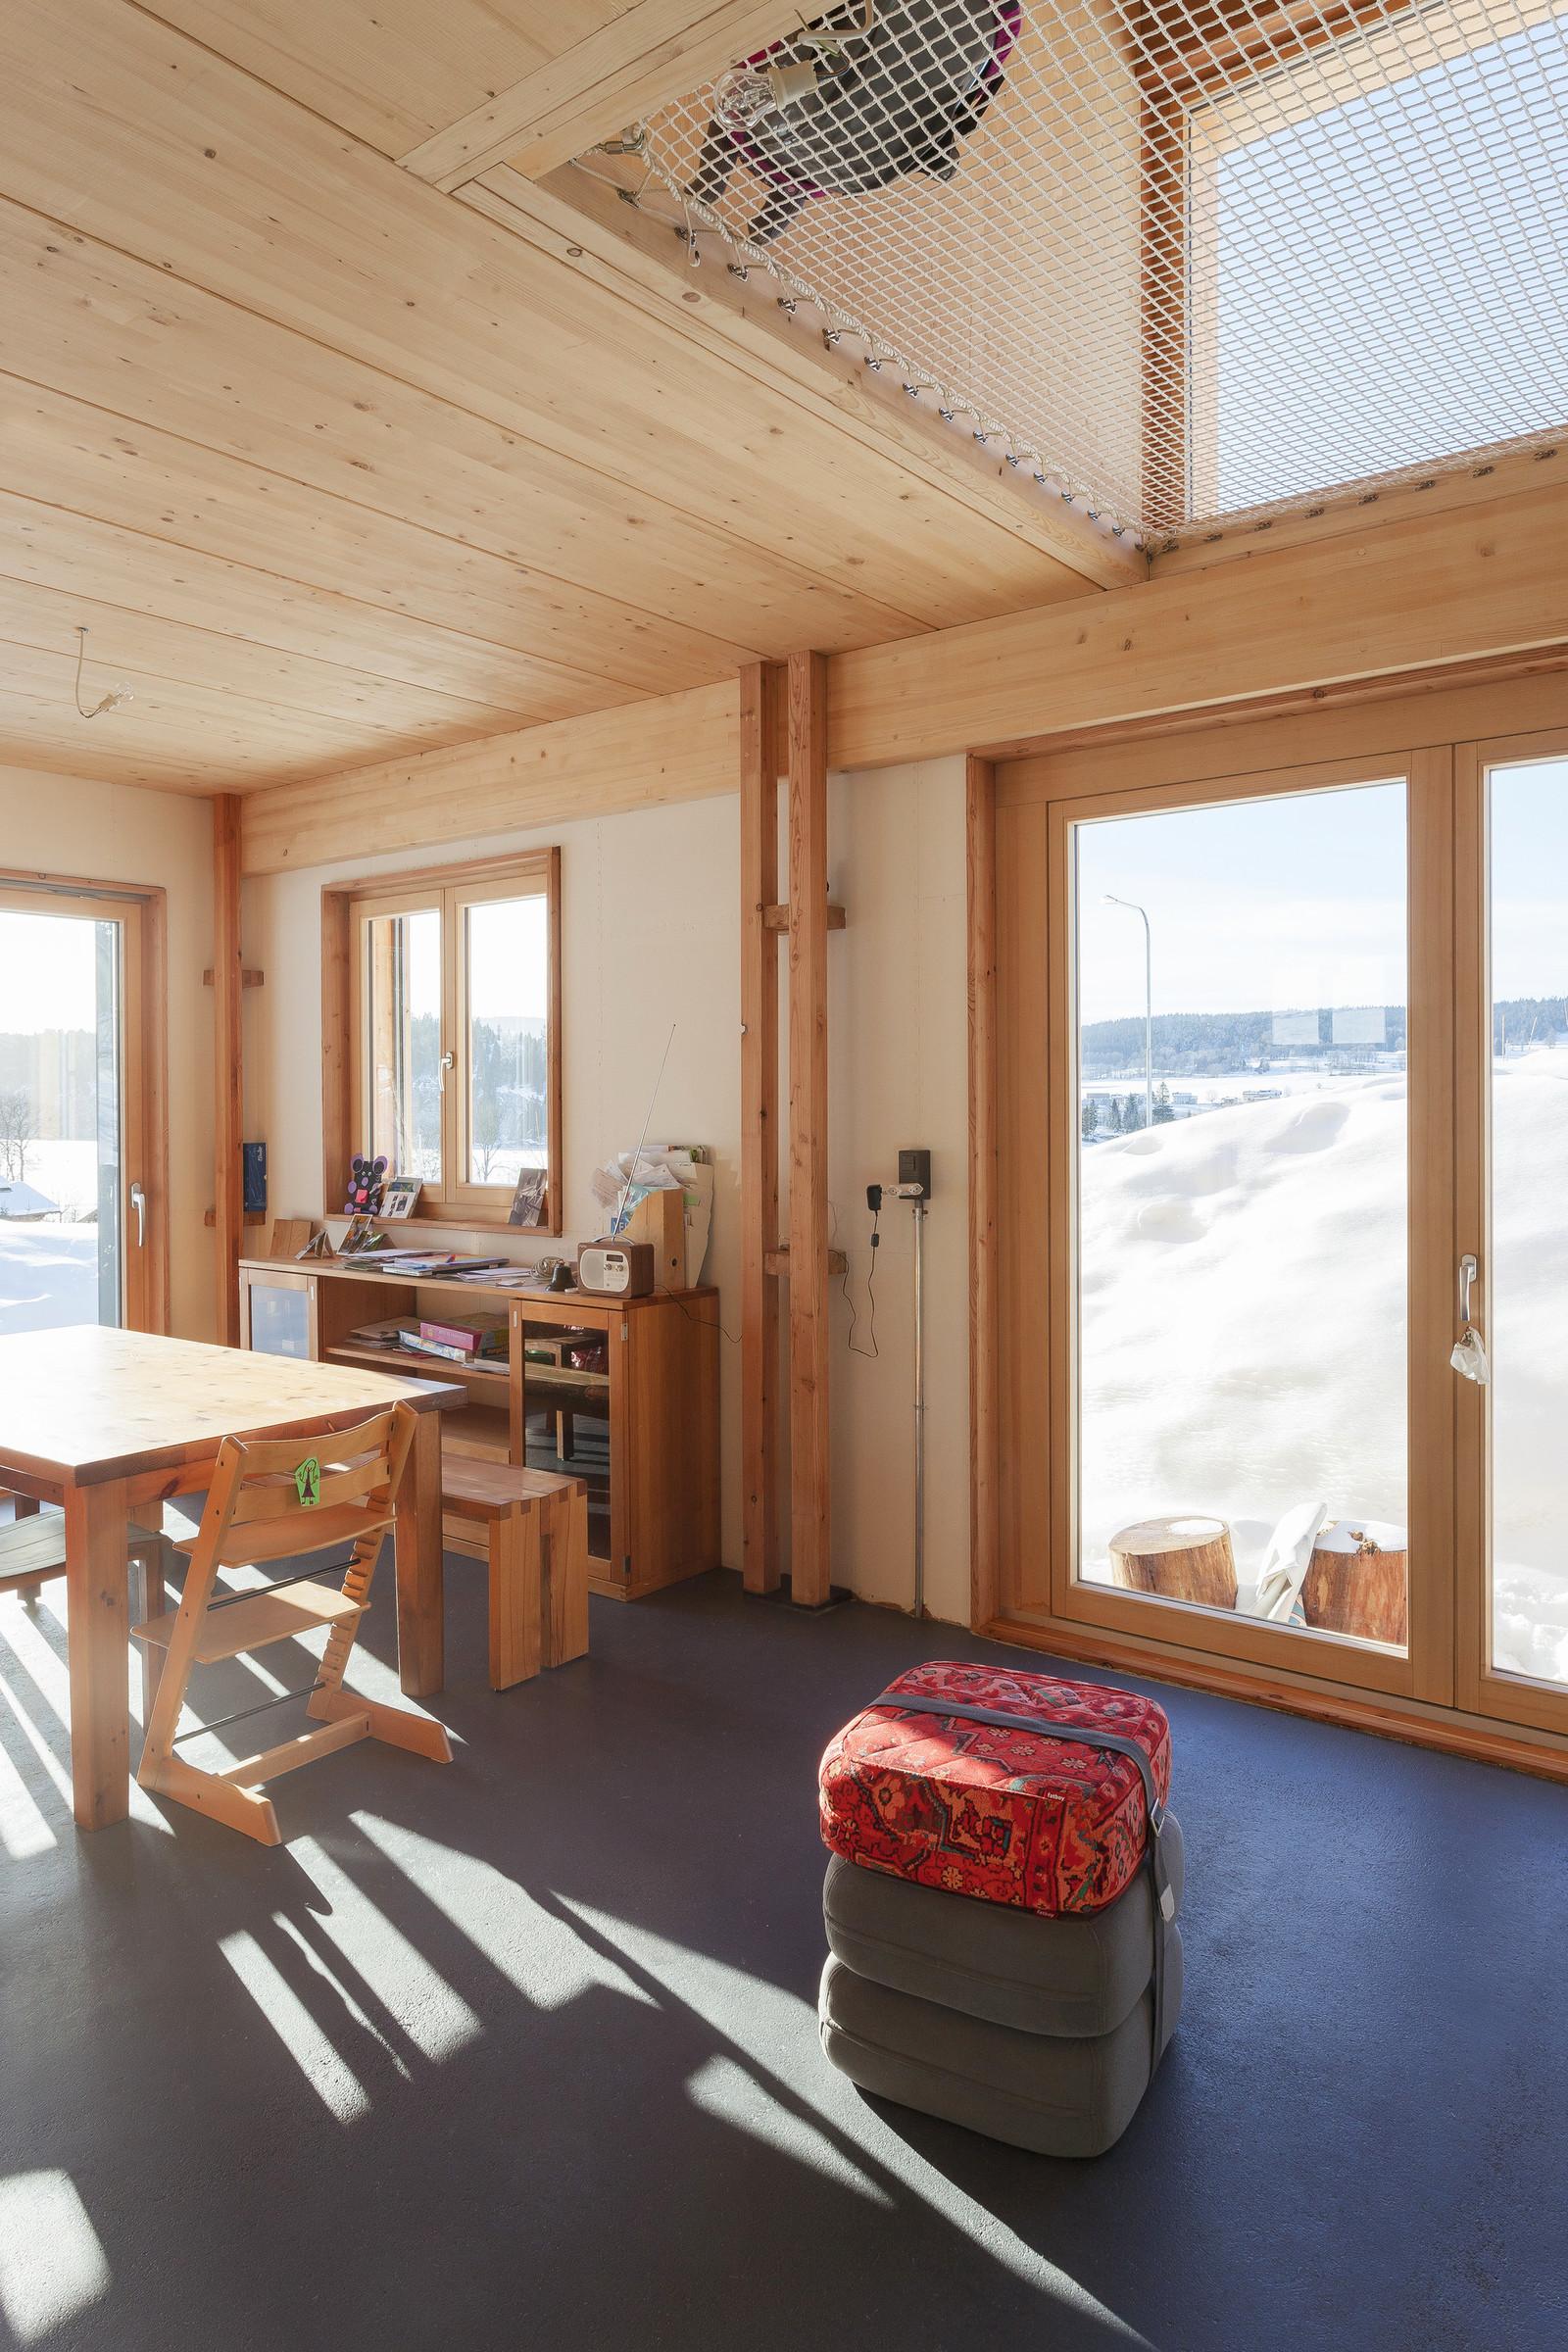 cottage-r-just3ds.com-7